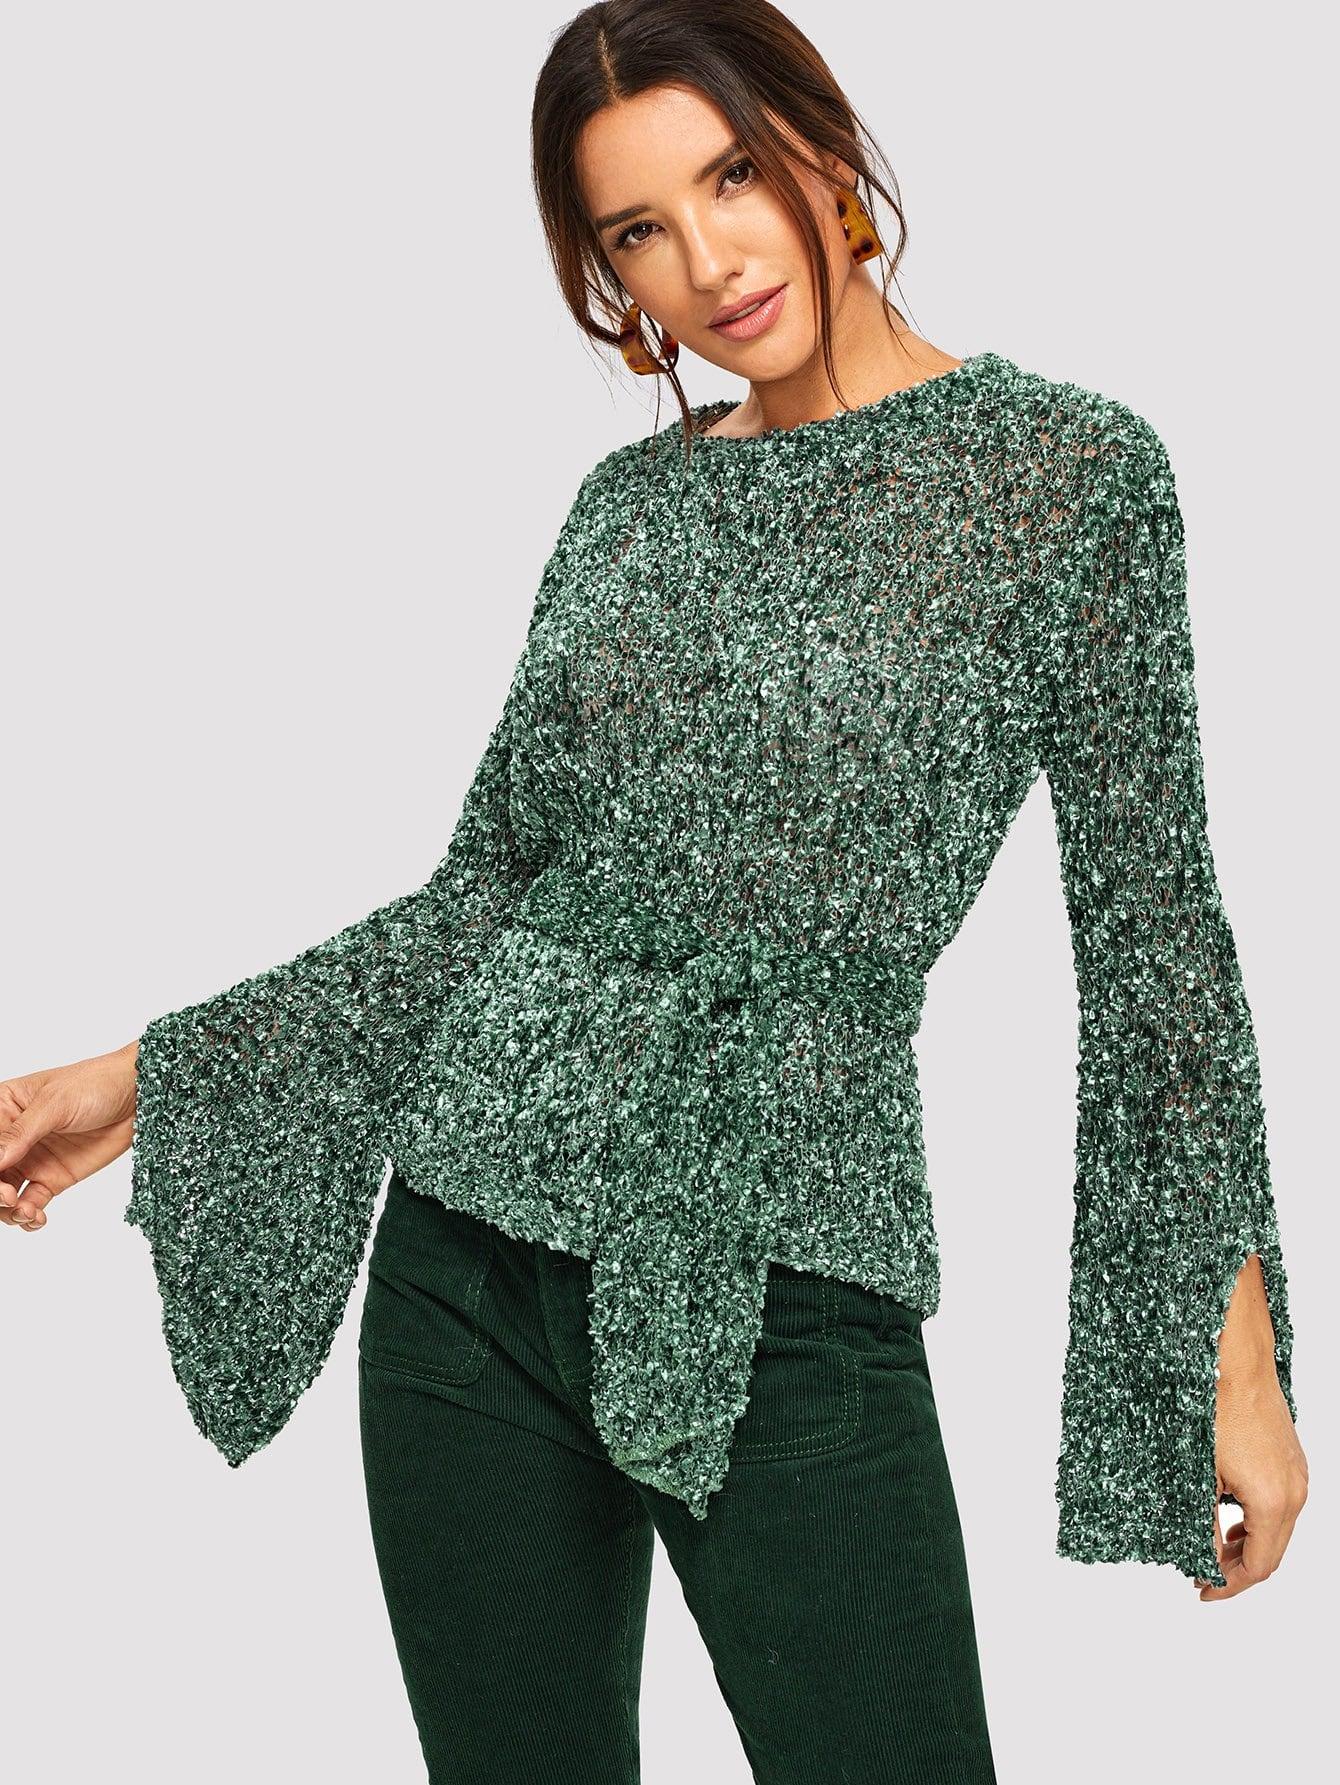 Купить Рваный свитер с оборками рукавами с завязкой на талии, Juliana, SheIn